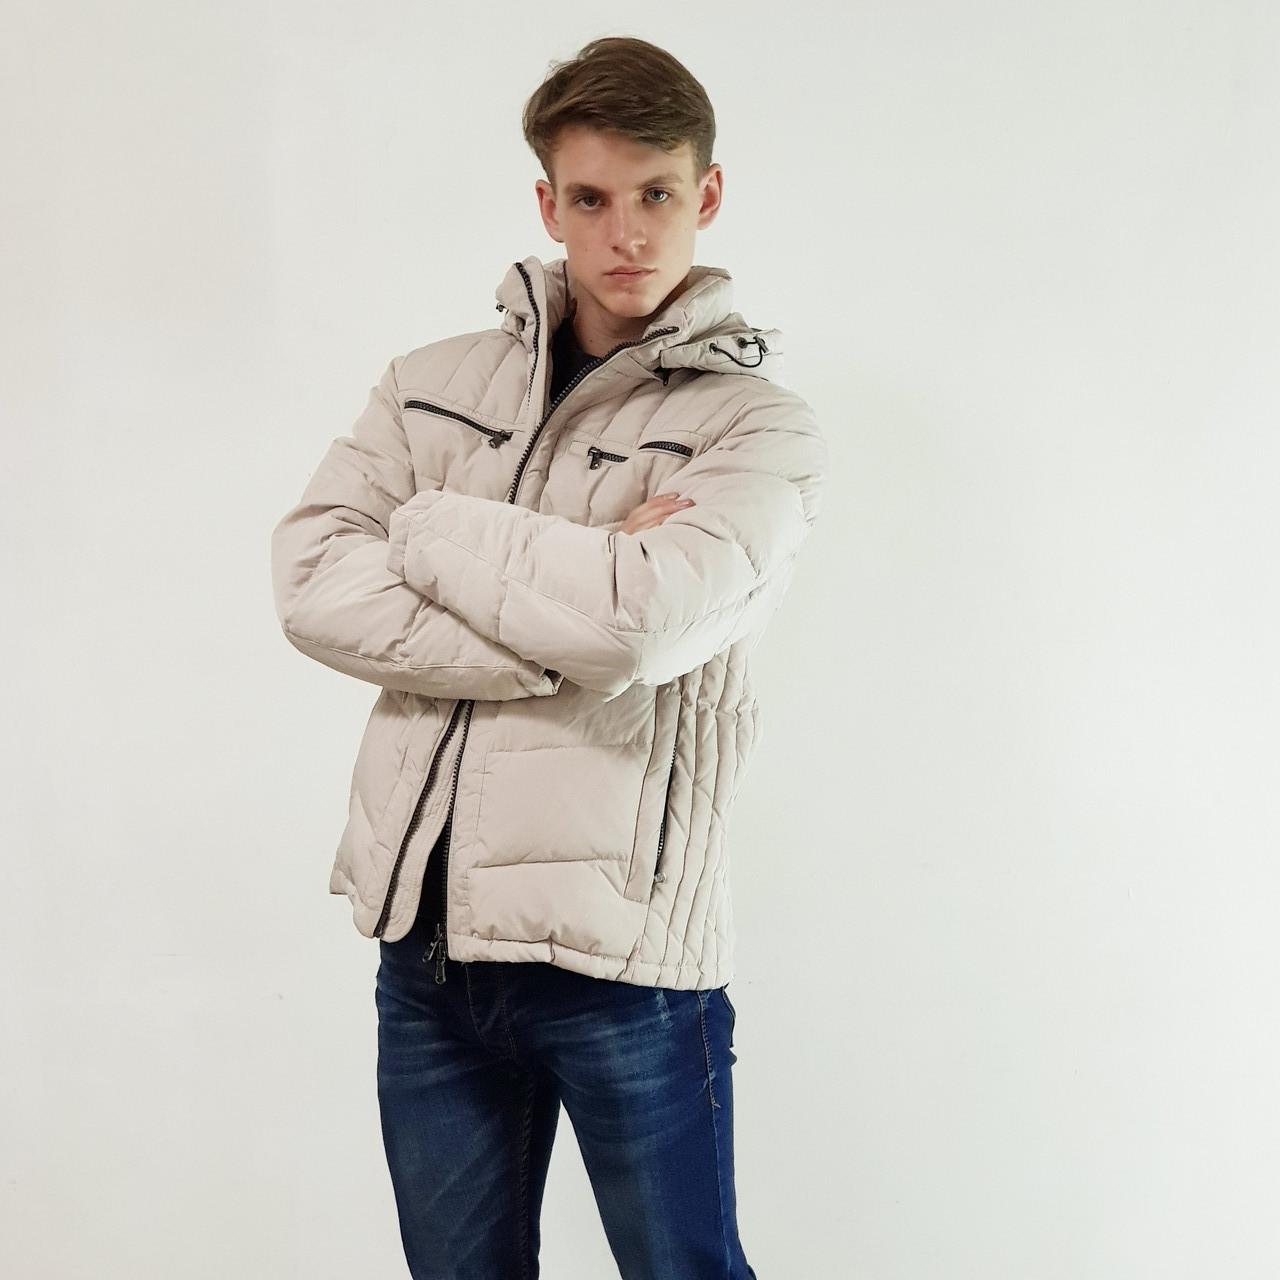 Качественный мужской пуховик Snowimage  светло серый зимний на пуху с капюшоном, распродажа